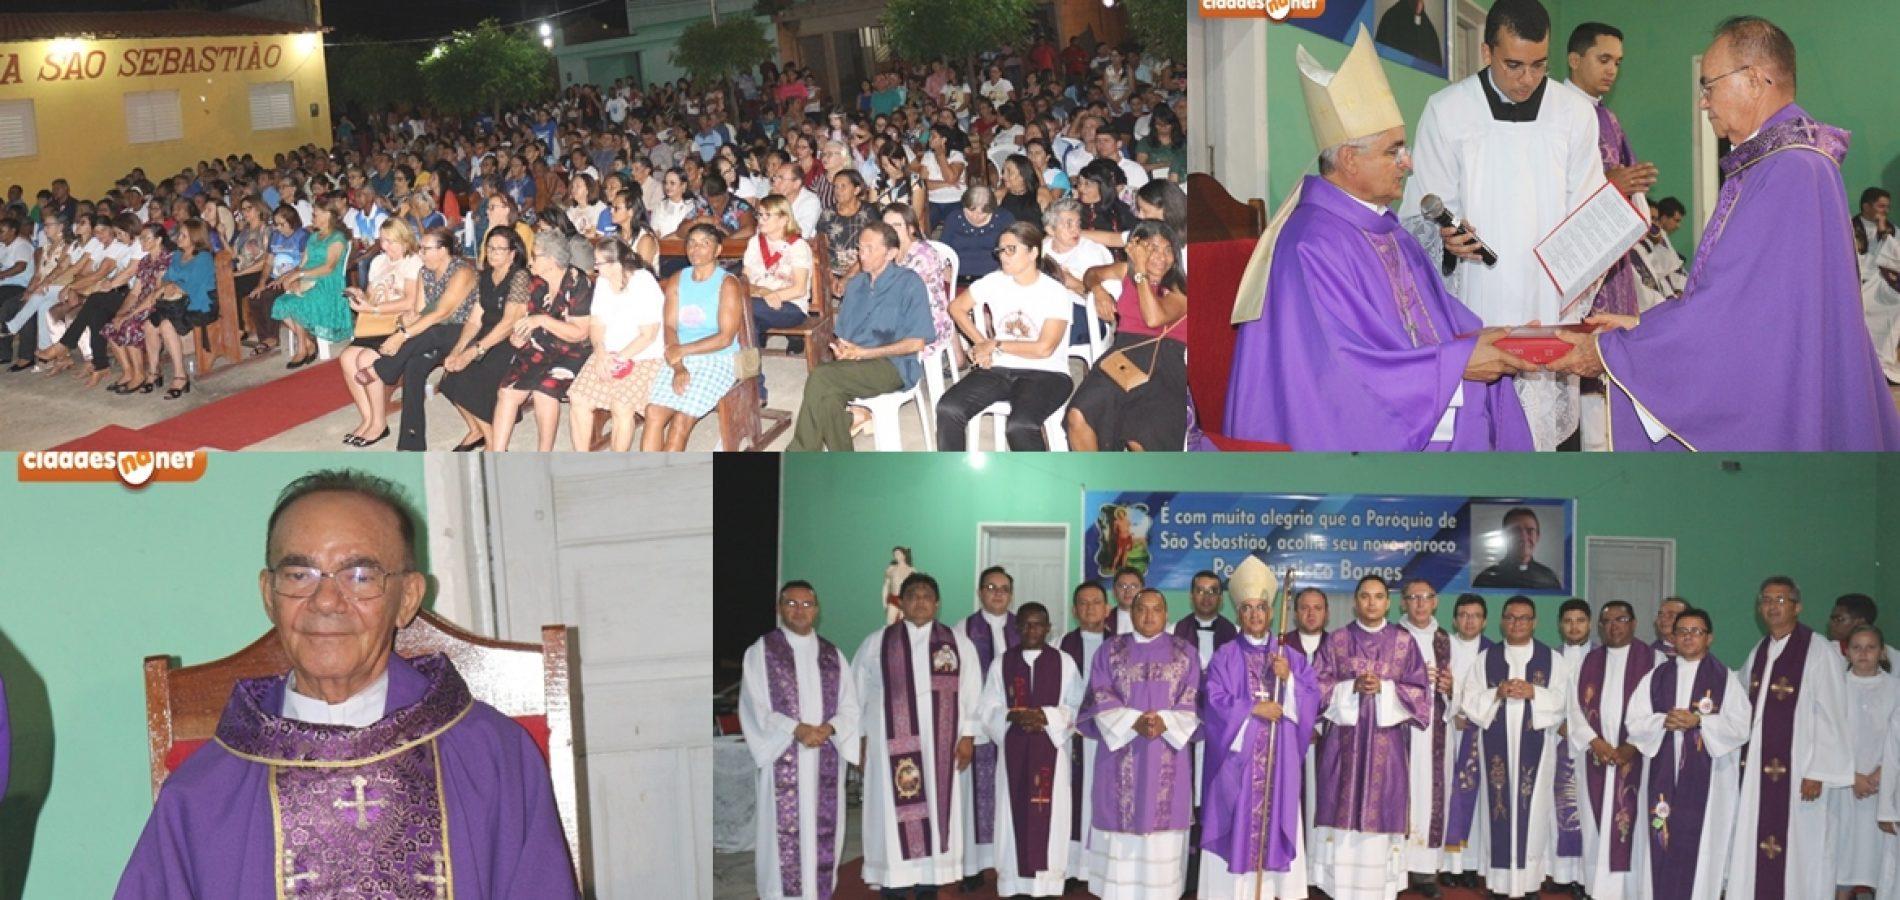 PATOS | Padre Chiquinho é empossado como novo pároco da Paróquia São Sebastião